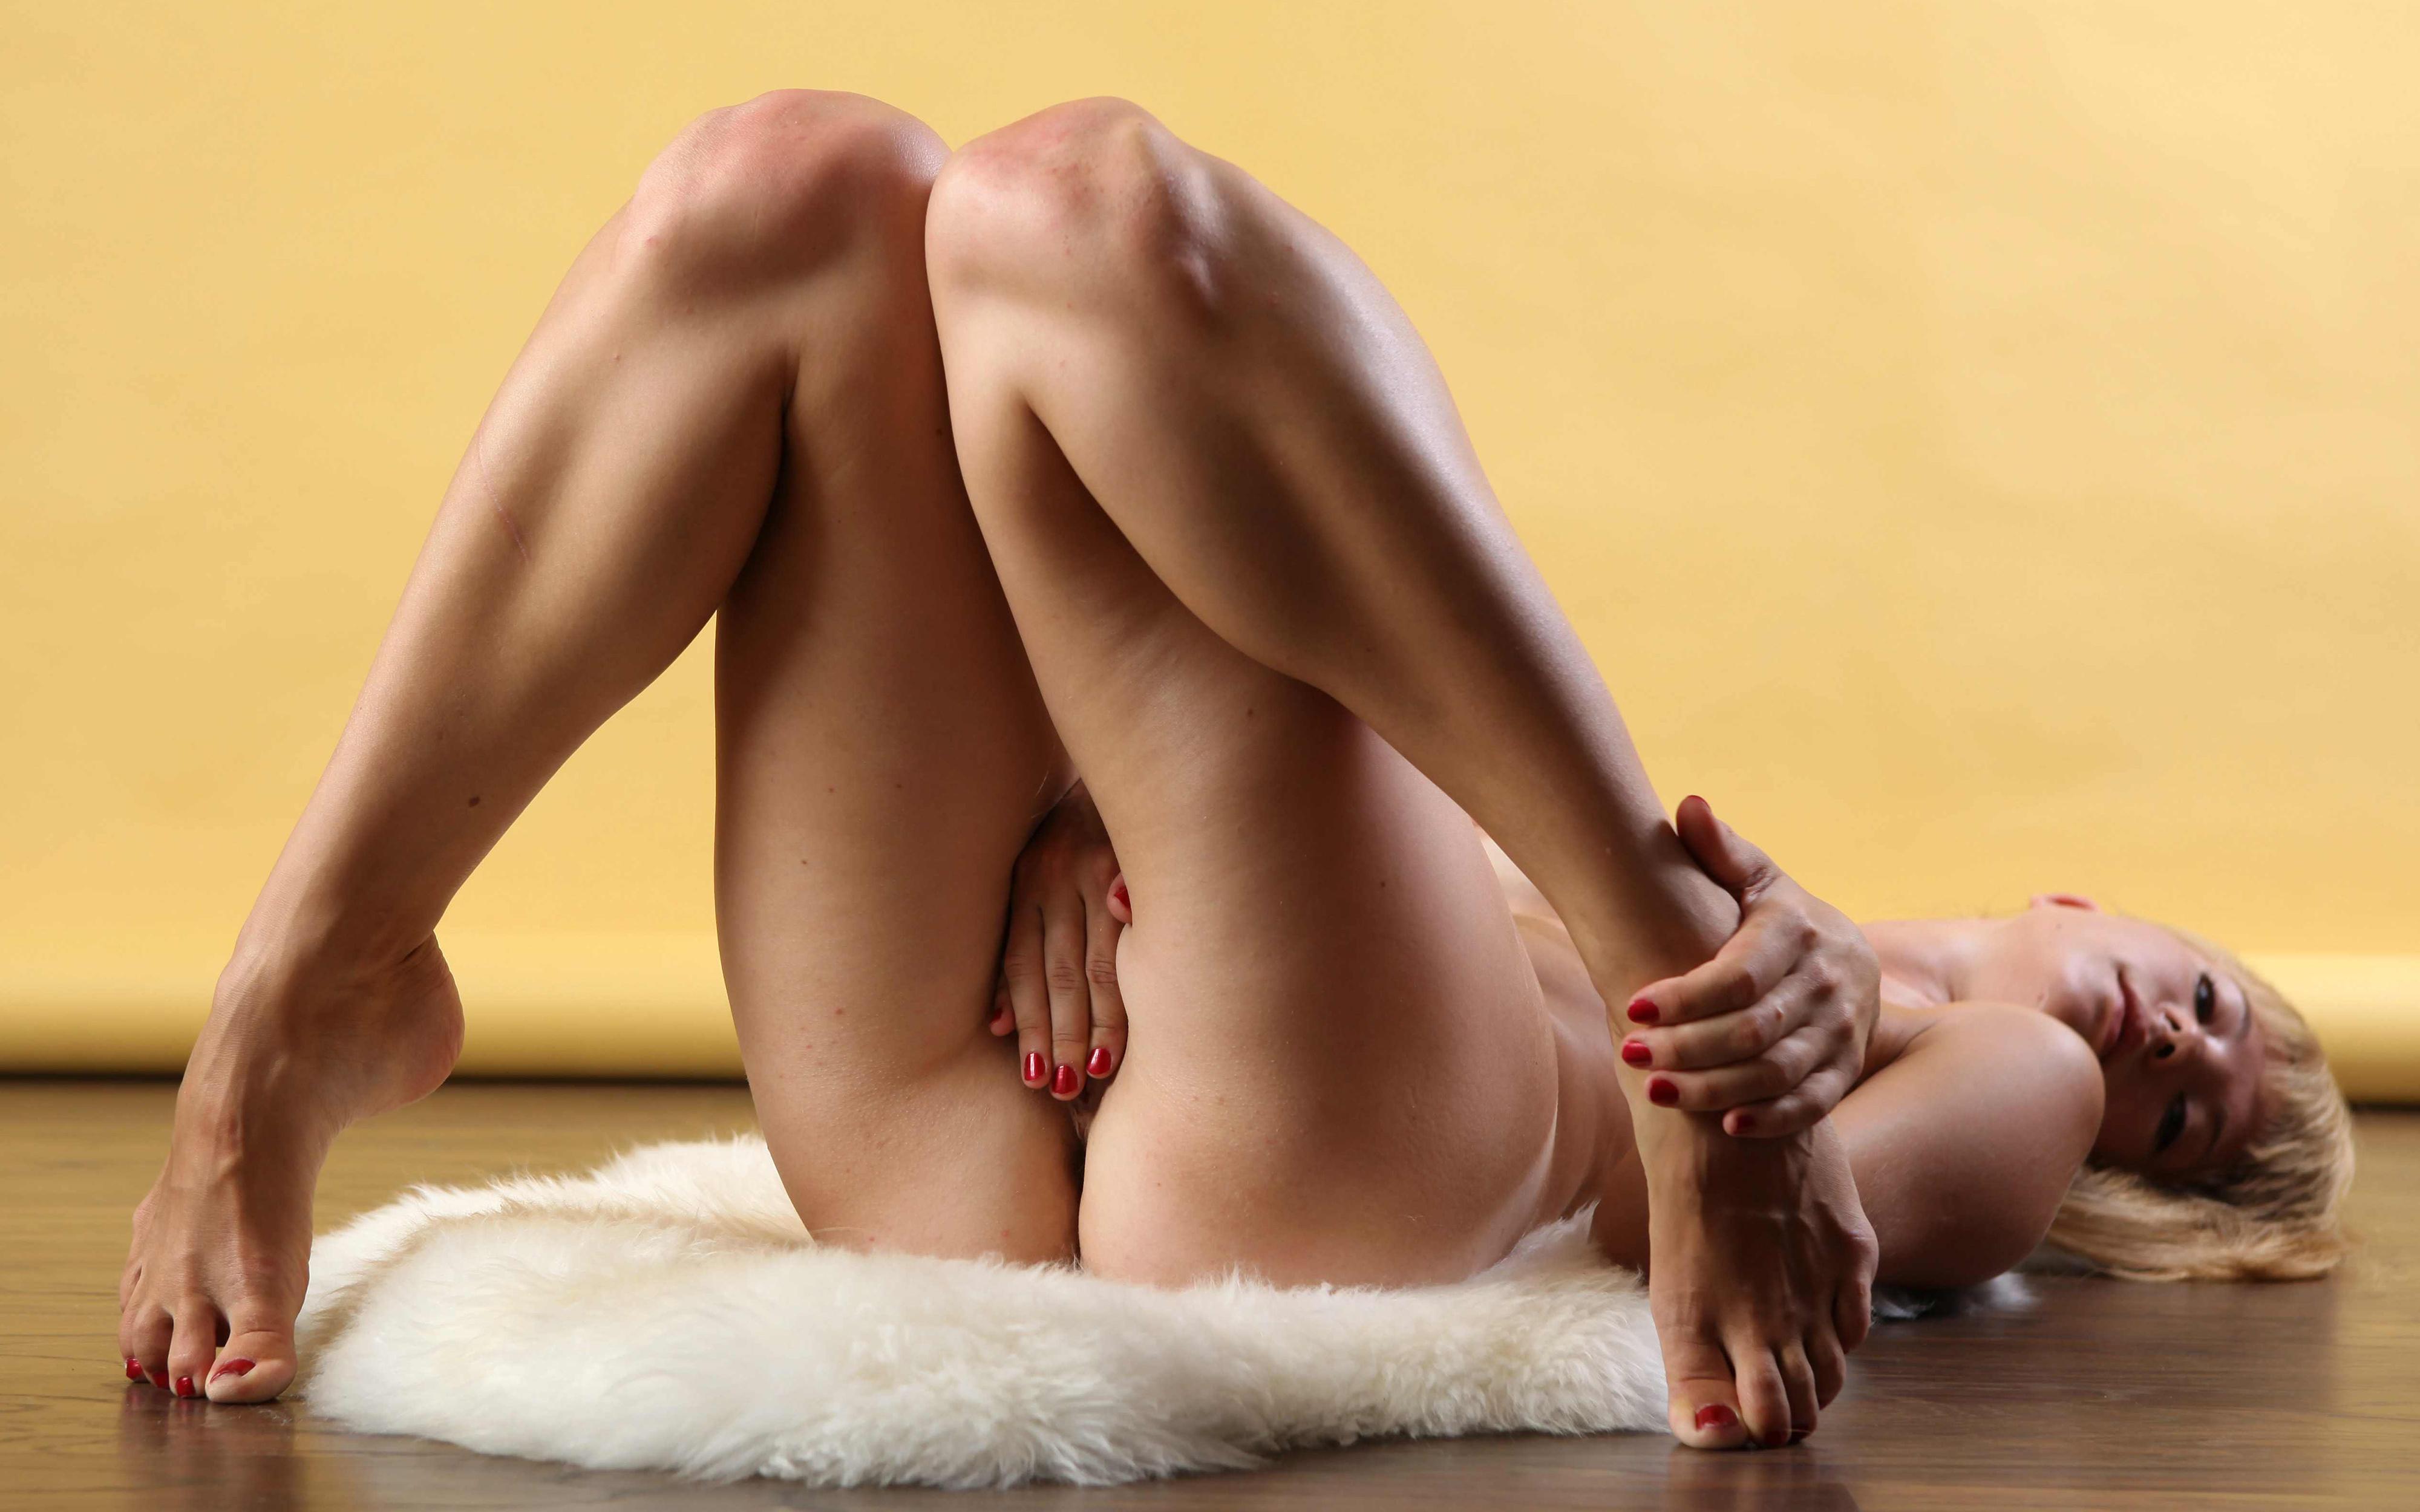 Развратные позы для секса картинки 13 фотография